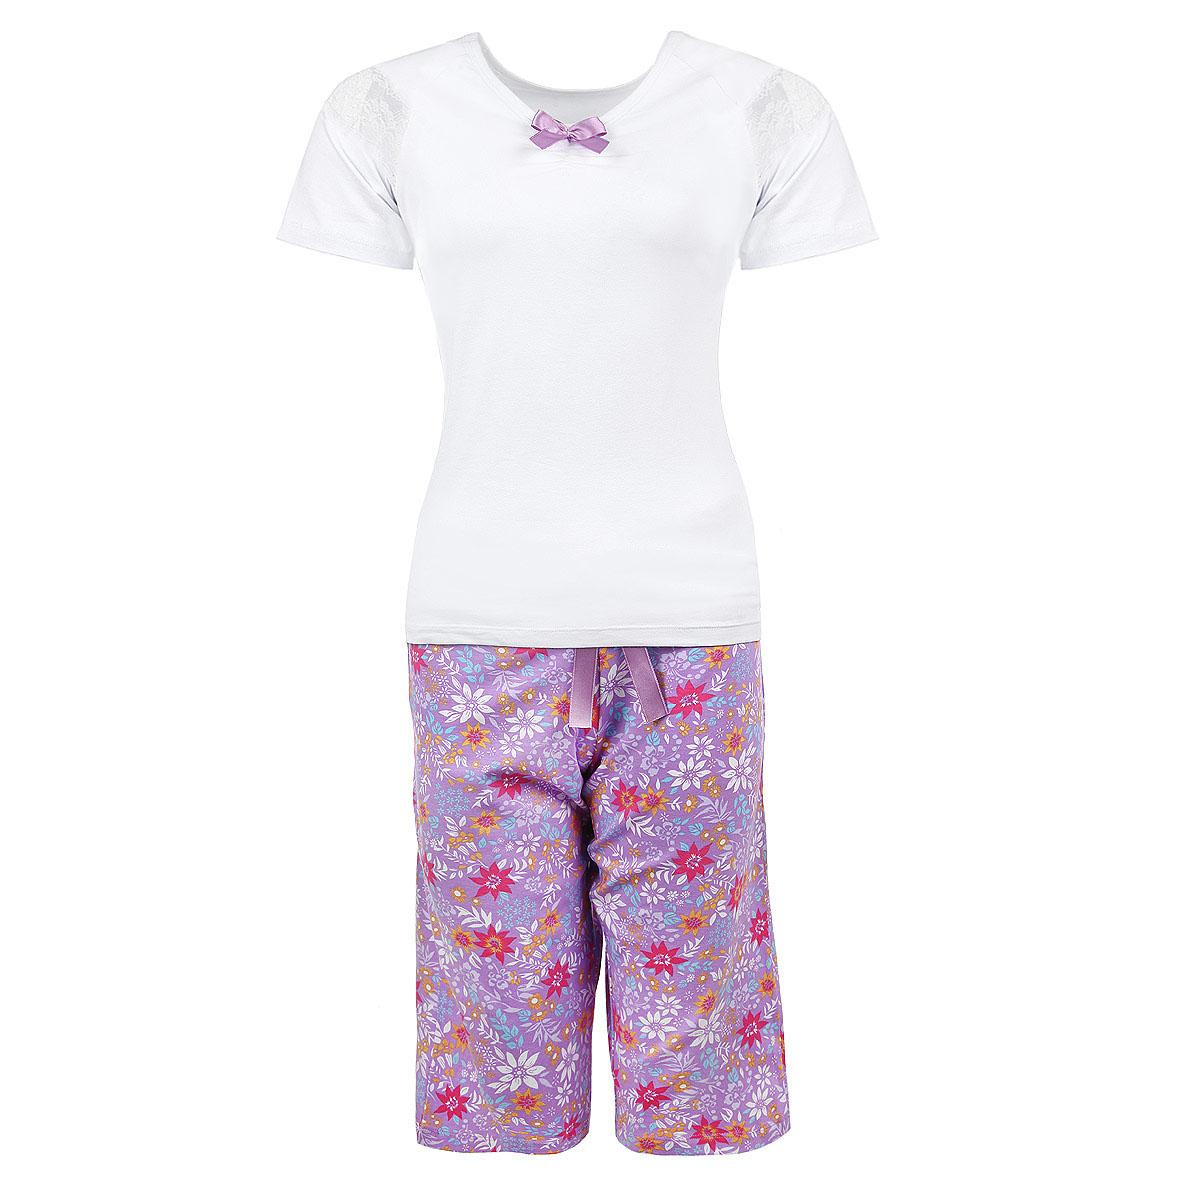 Пижама женская. 434434Женская пижама Milana Style состоит из футболки и шортиков. Пижама выполнена из приятного на ощупь хлопкового материала. Футболка и шорты не сковывают движения и позволяют коже дышать. Футболка прямого кроя с V-образным вырезом горловины оформлена кружевными вставками на рукавах, атласным бантиком и небольшой сборкой на резинку под горловиной. Свободные прямые шорты на широкой эластичной резинке оформлены цветочным принтом и атласным бантиком на талии. Идеальные конструкции и приятное цветовое решение - отличный выбор на каждый день. В такой пижаме вам будет максимально комфортно и уютно.